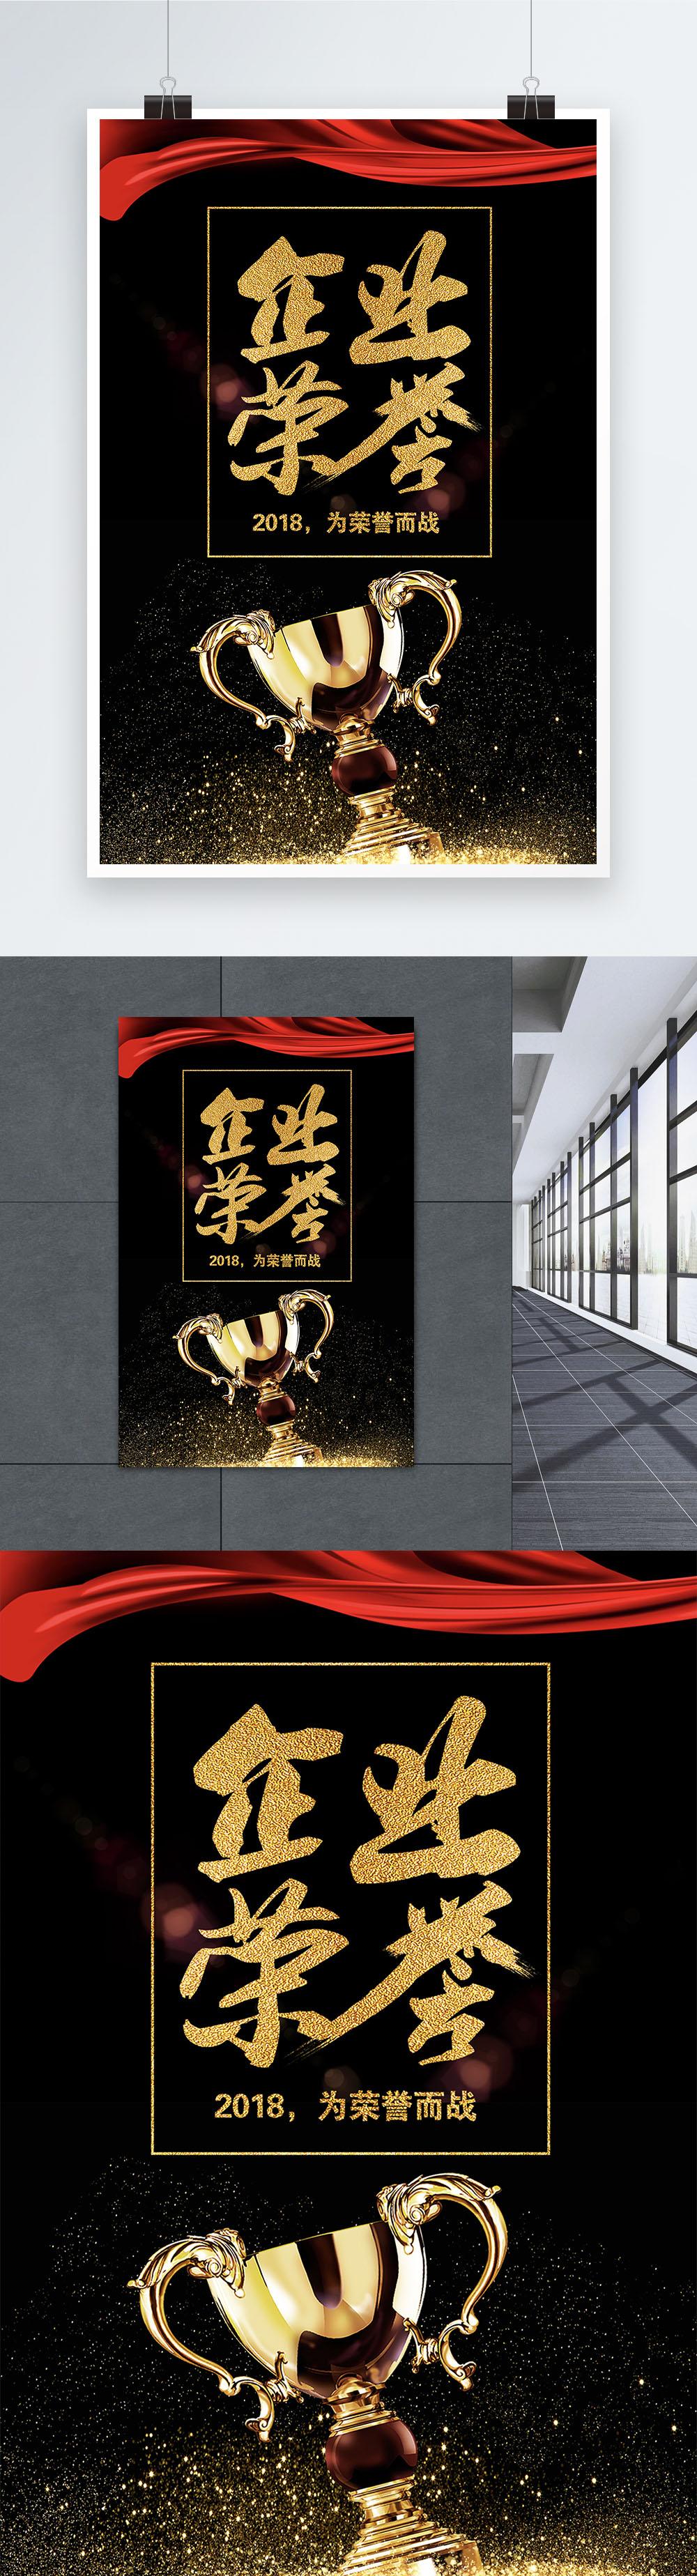 黑金企业2_黑金企业荣誉海报